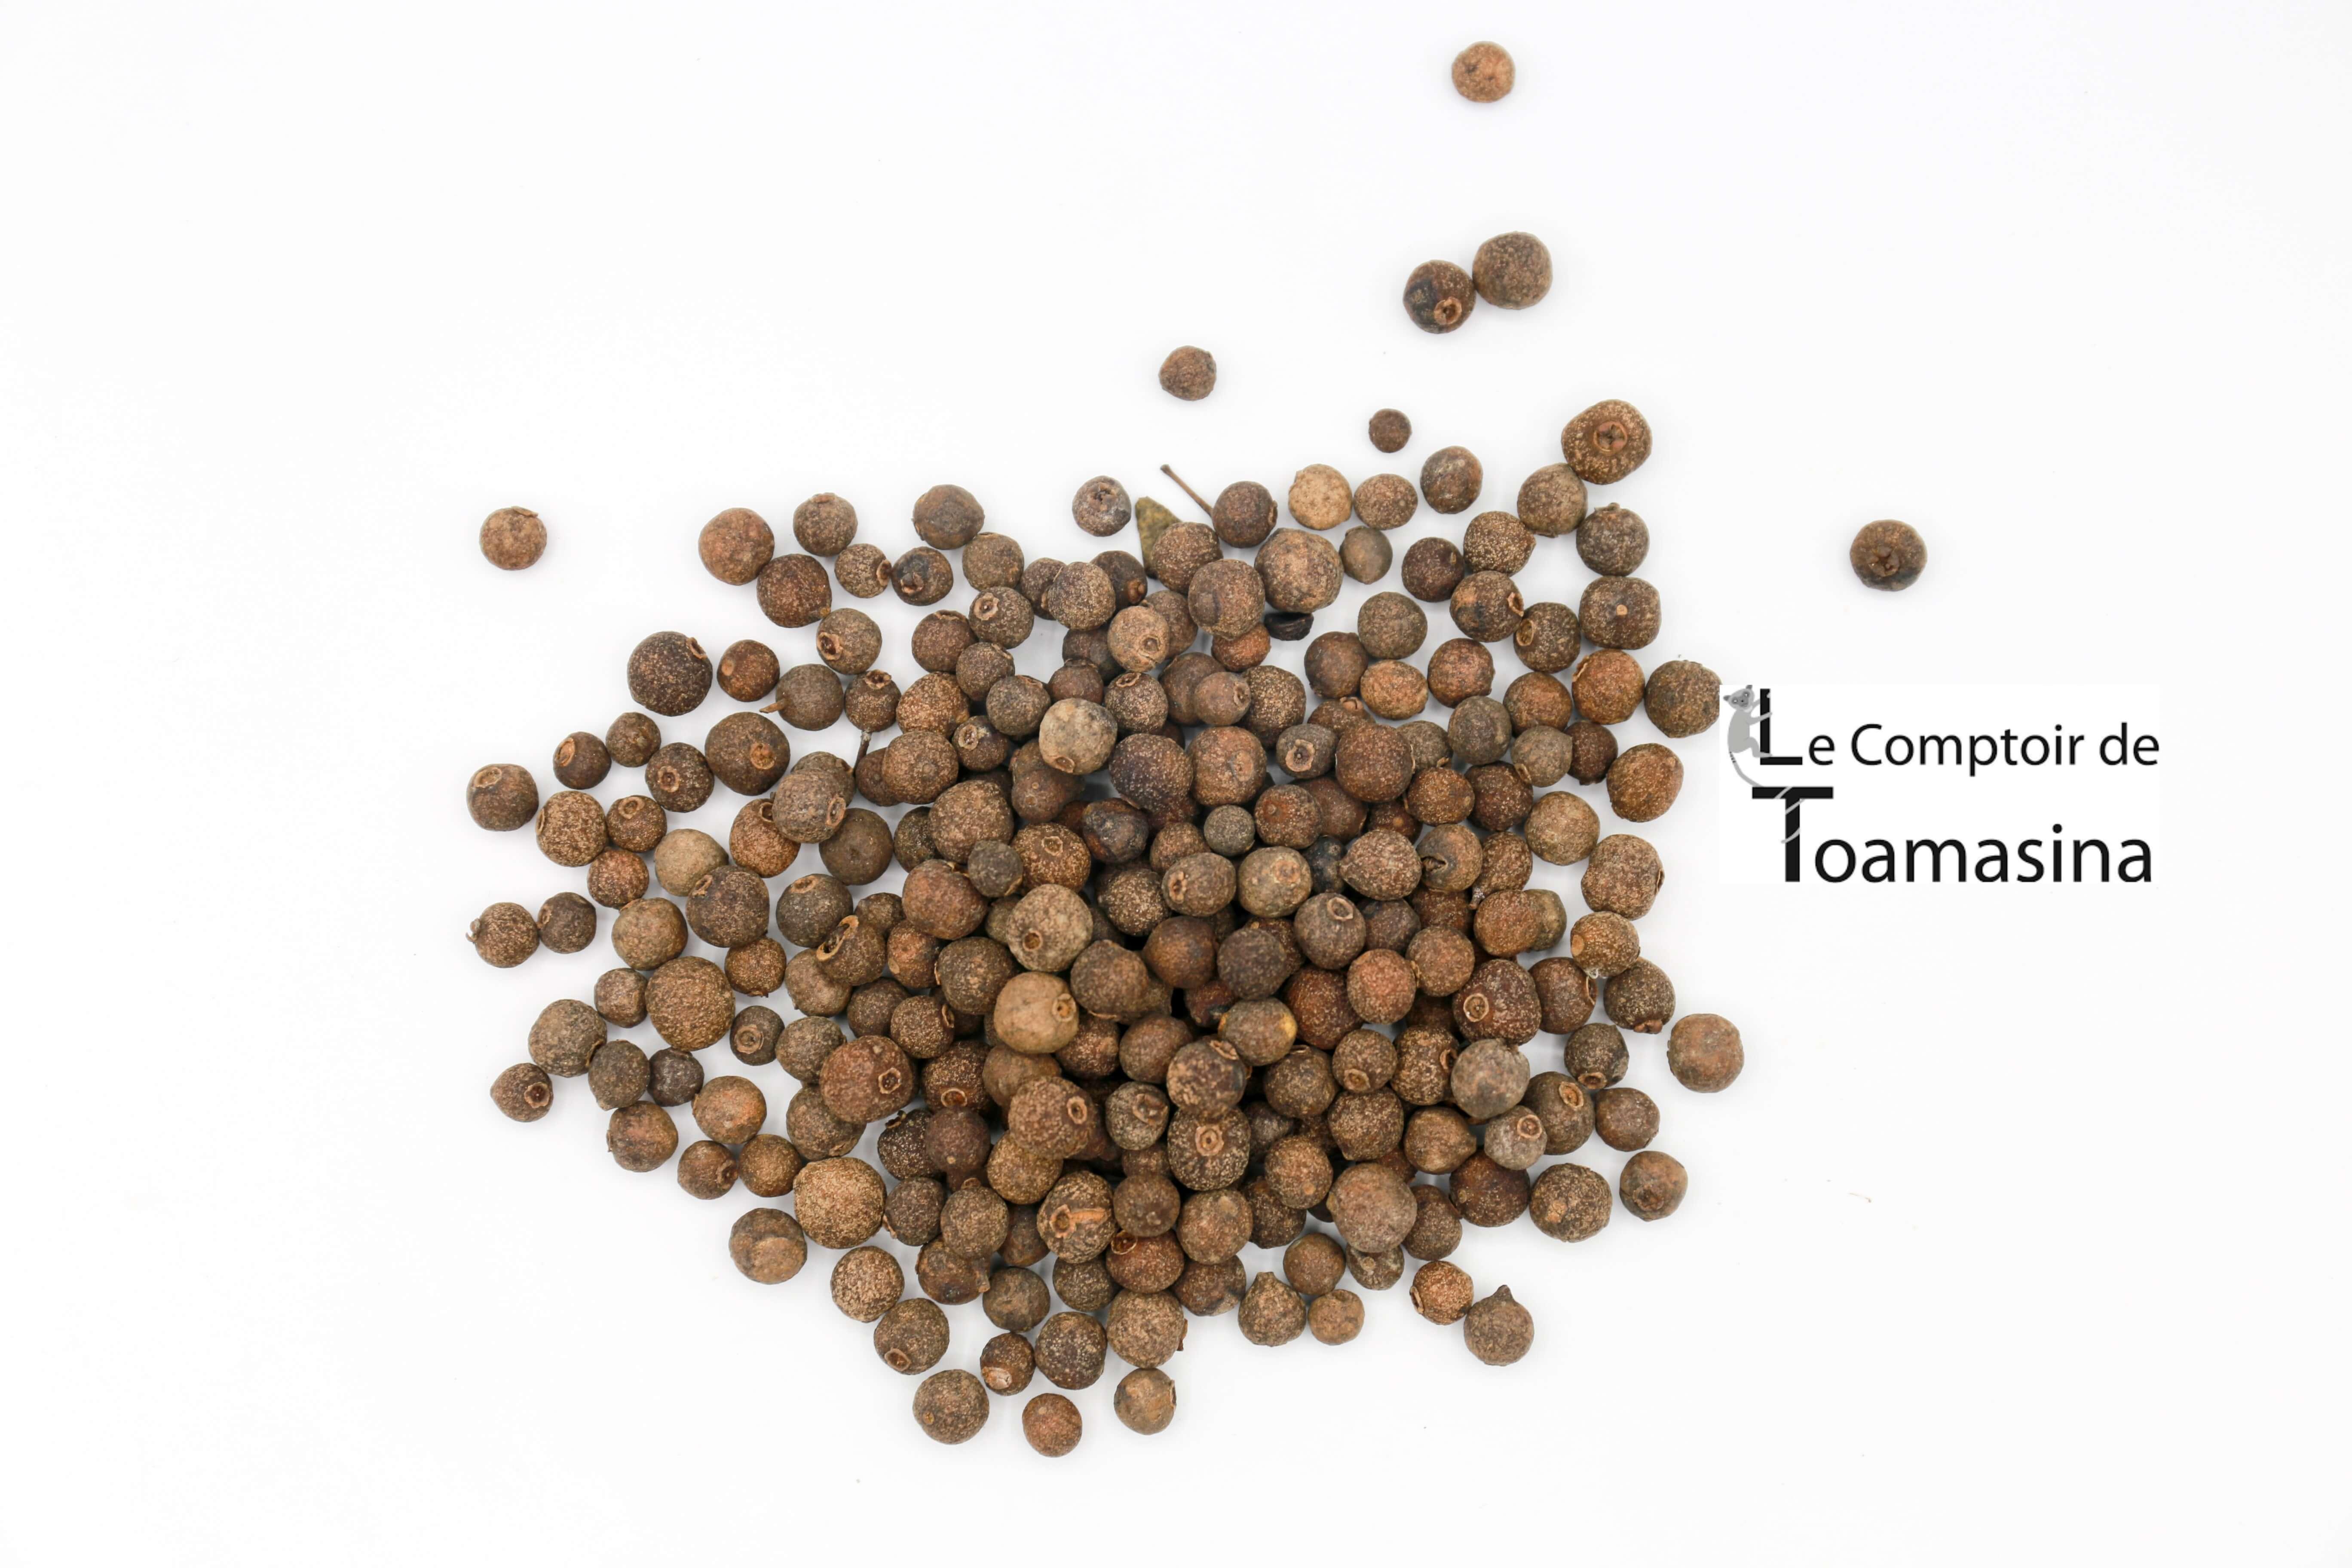 Recette poivre piment jamaique